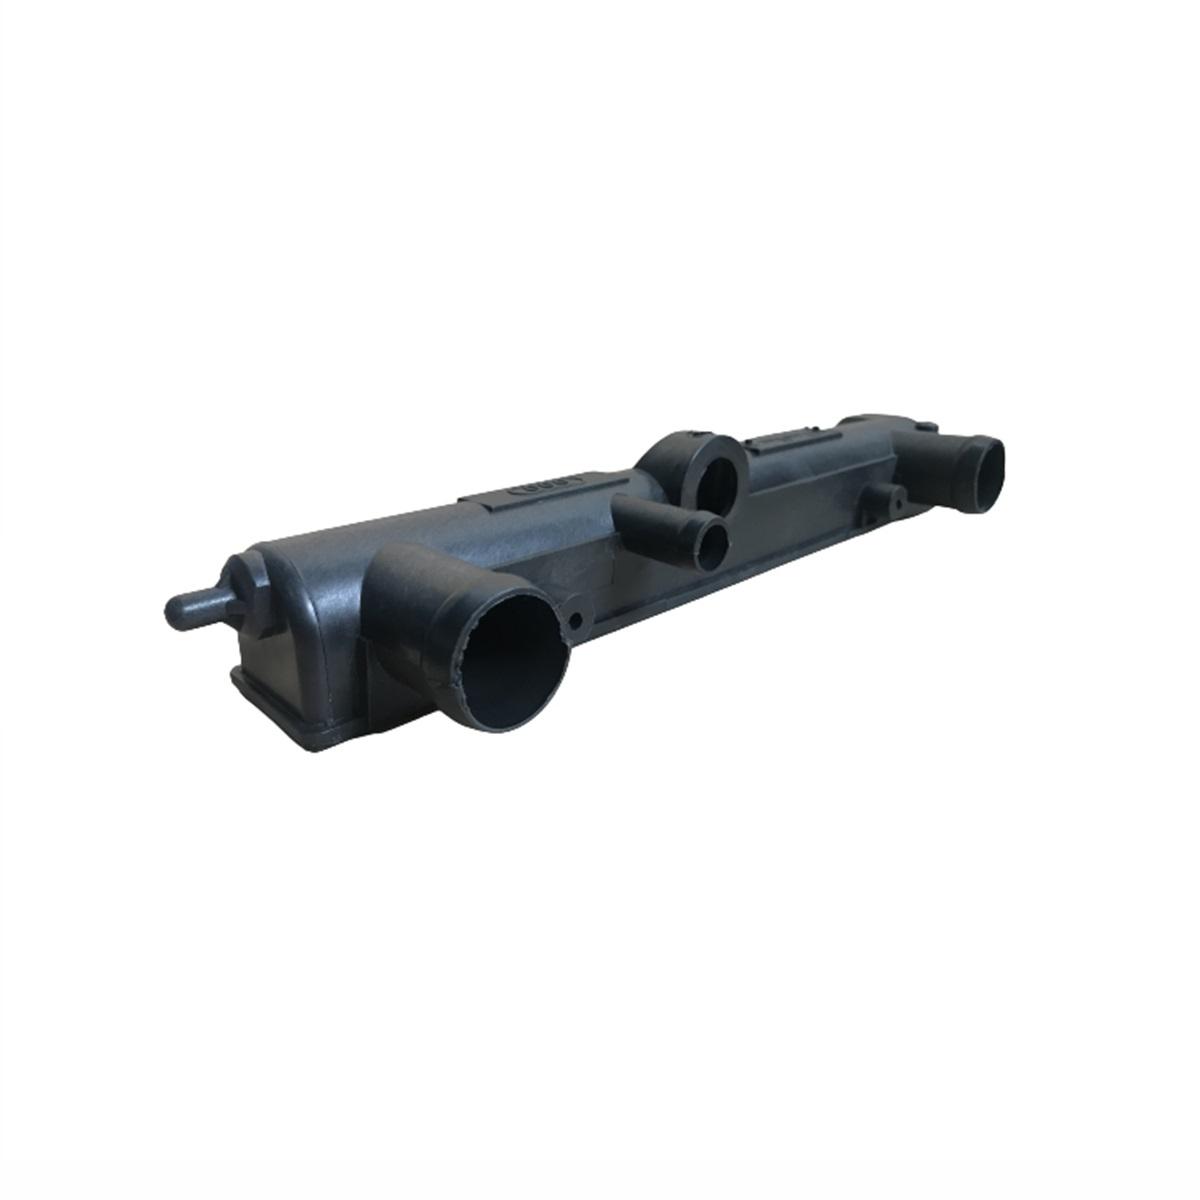 Caixa de Radiador Superior Santana 3 Saídas Sem Bico 47mmx322mm